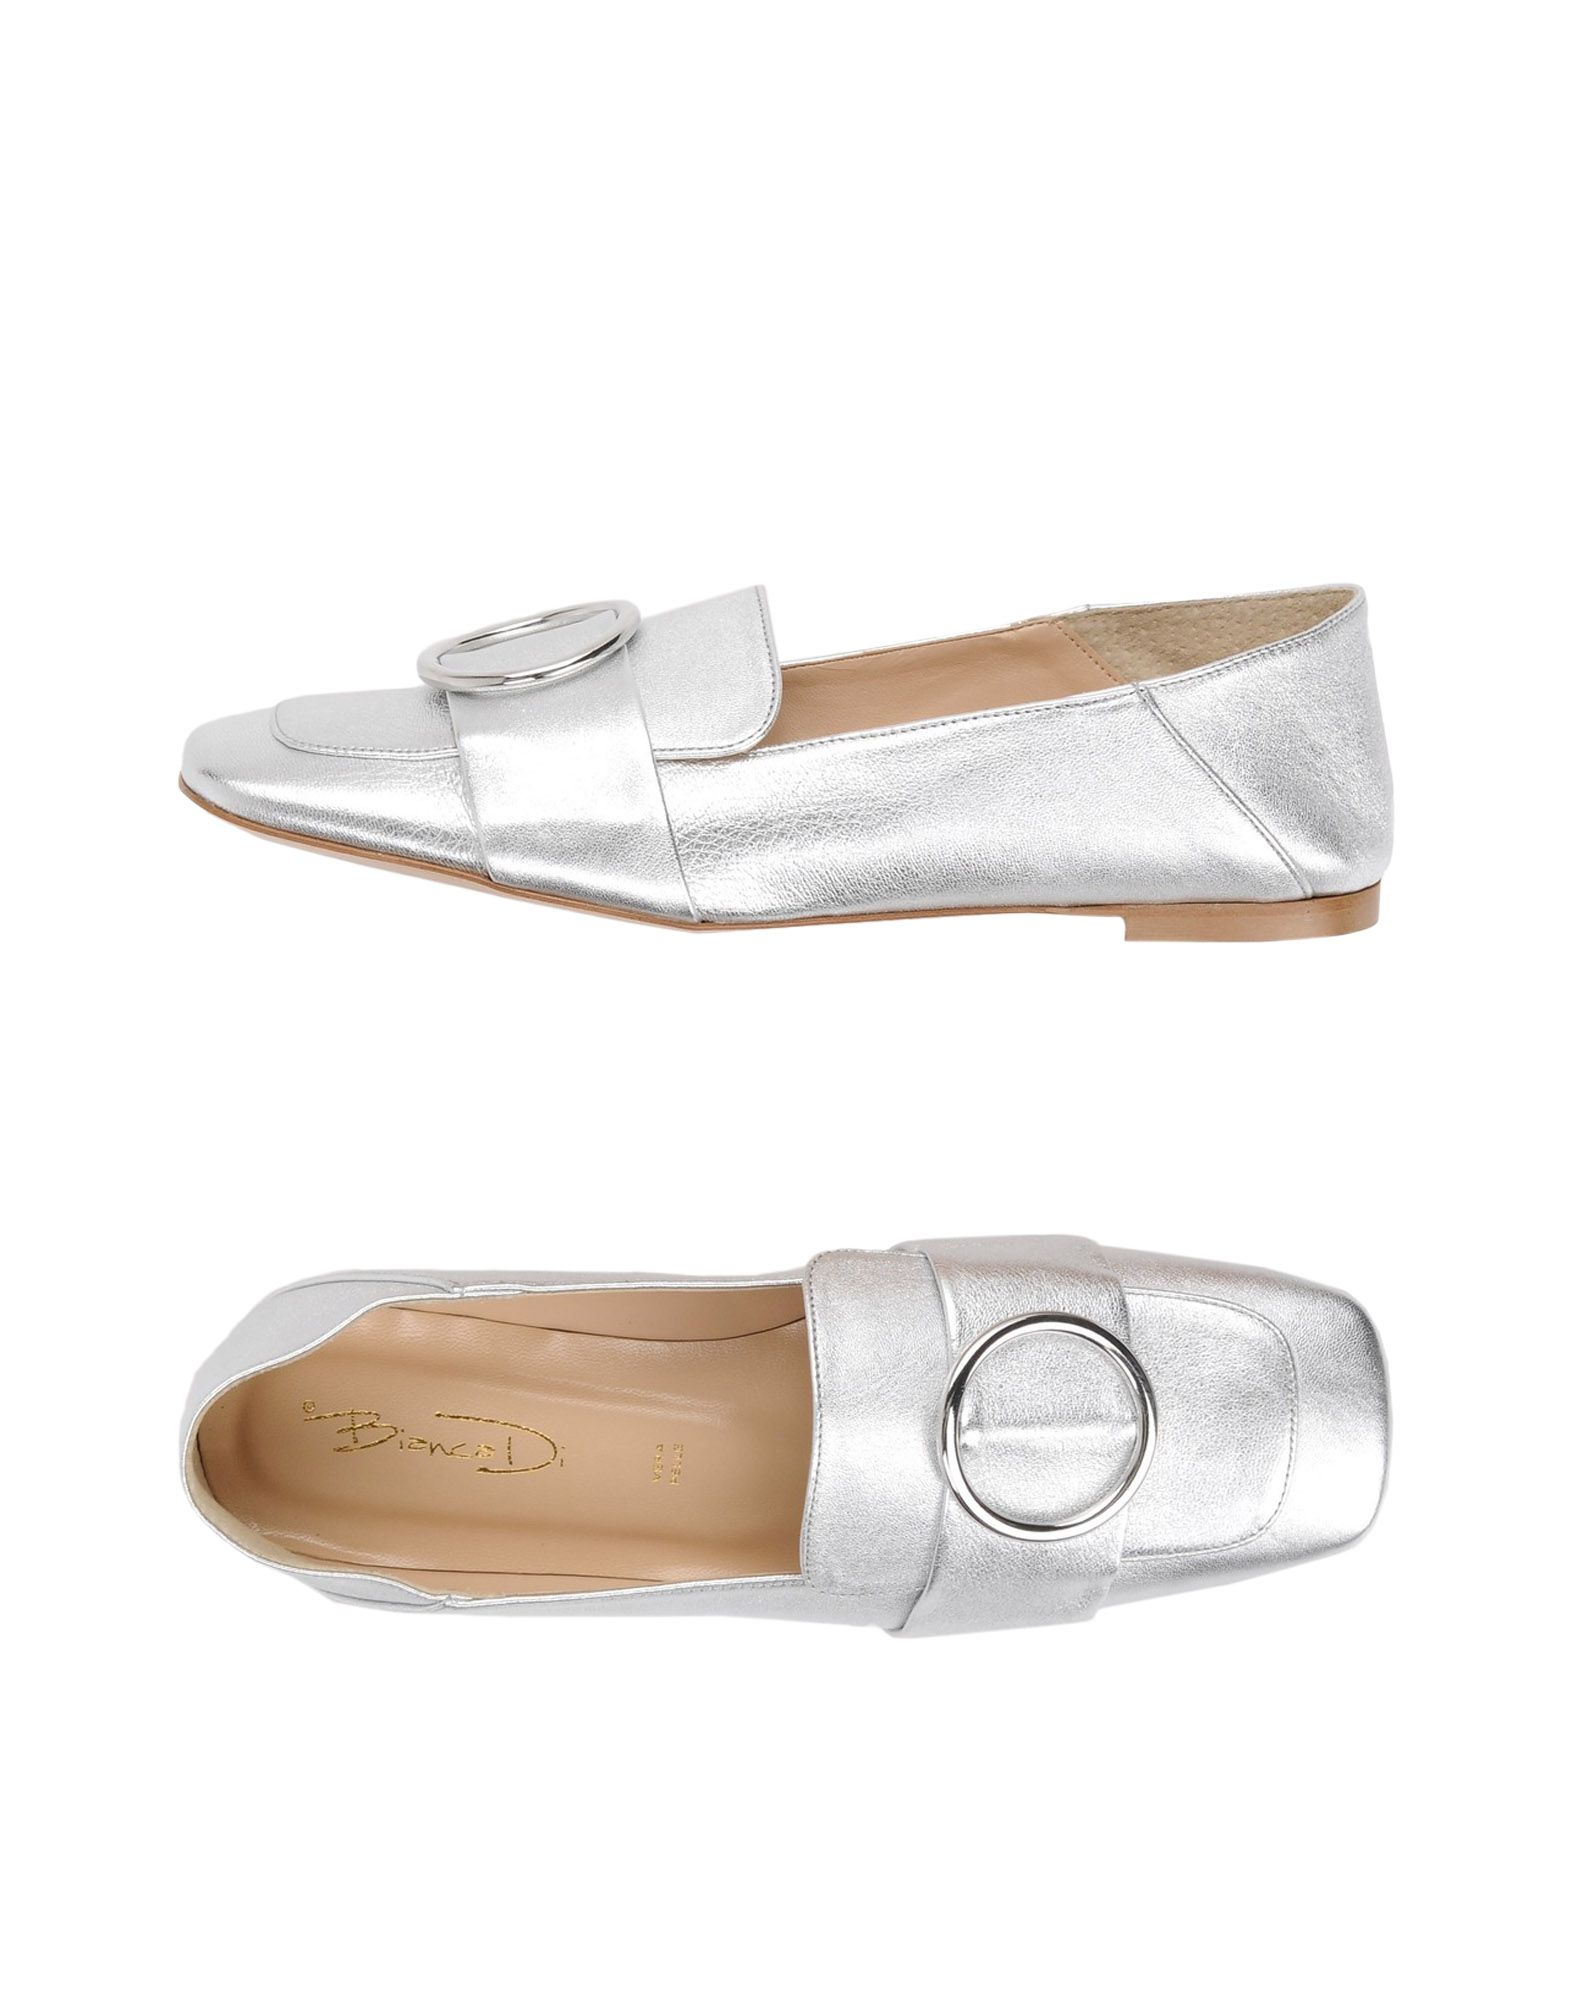 Bianca Di Mokassins Damen  11440847BF Gute Qualität beliebte Schuhe